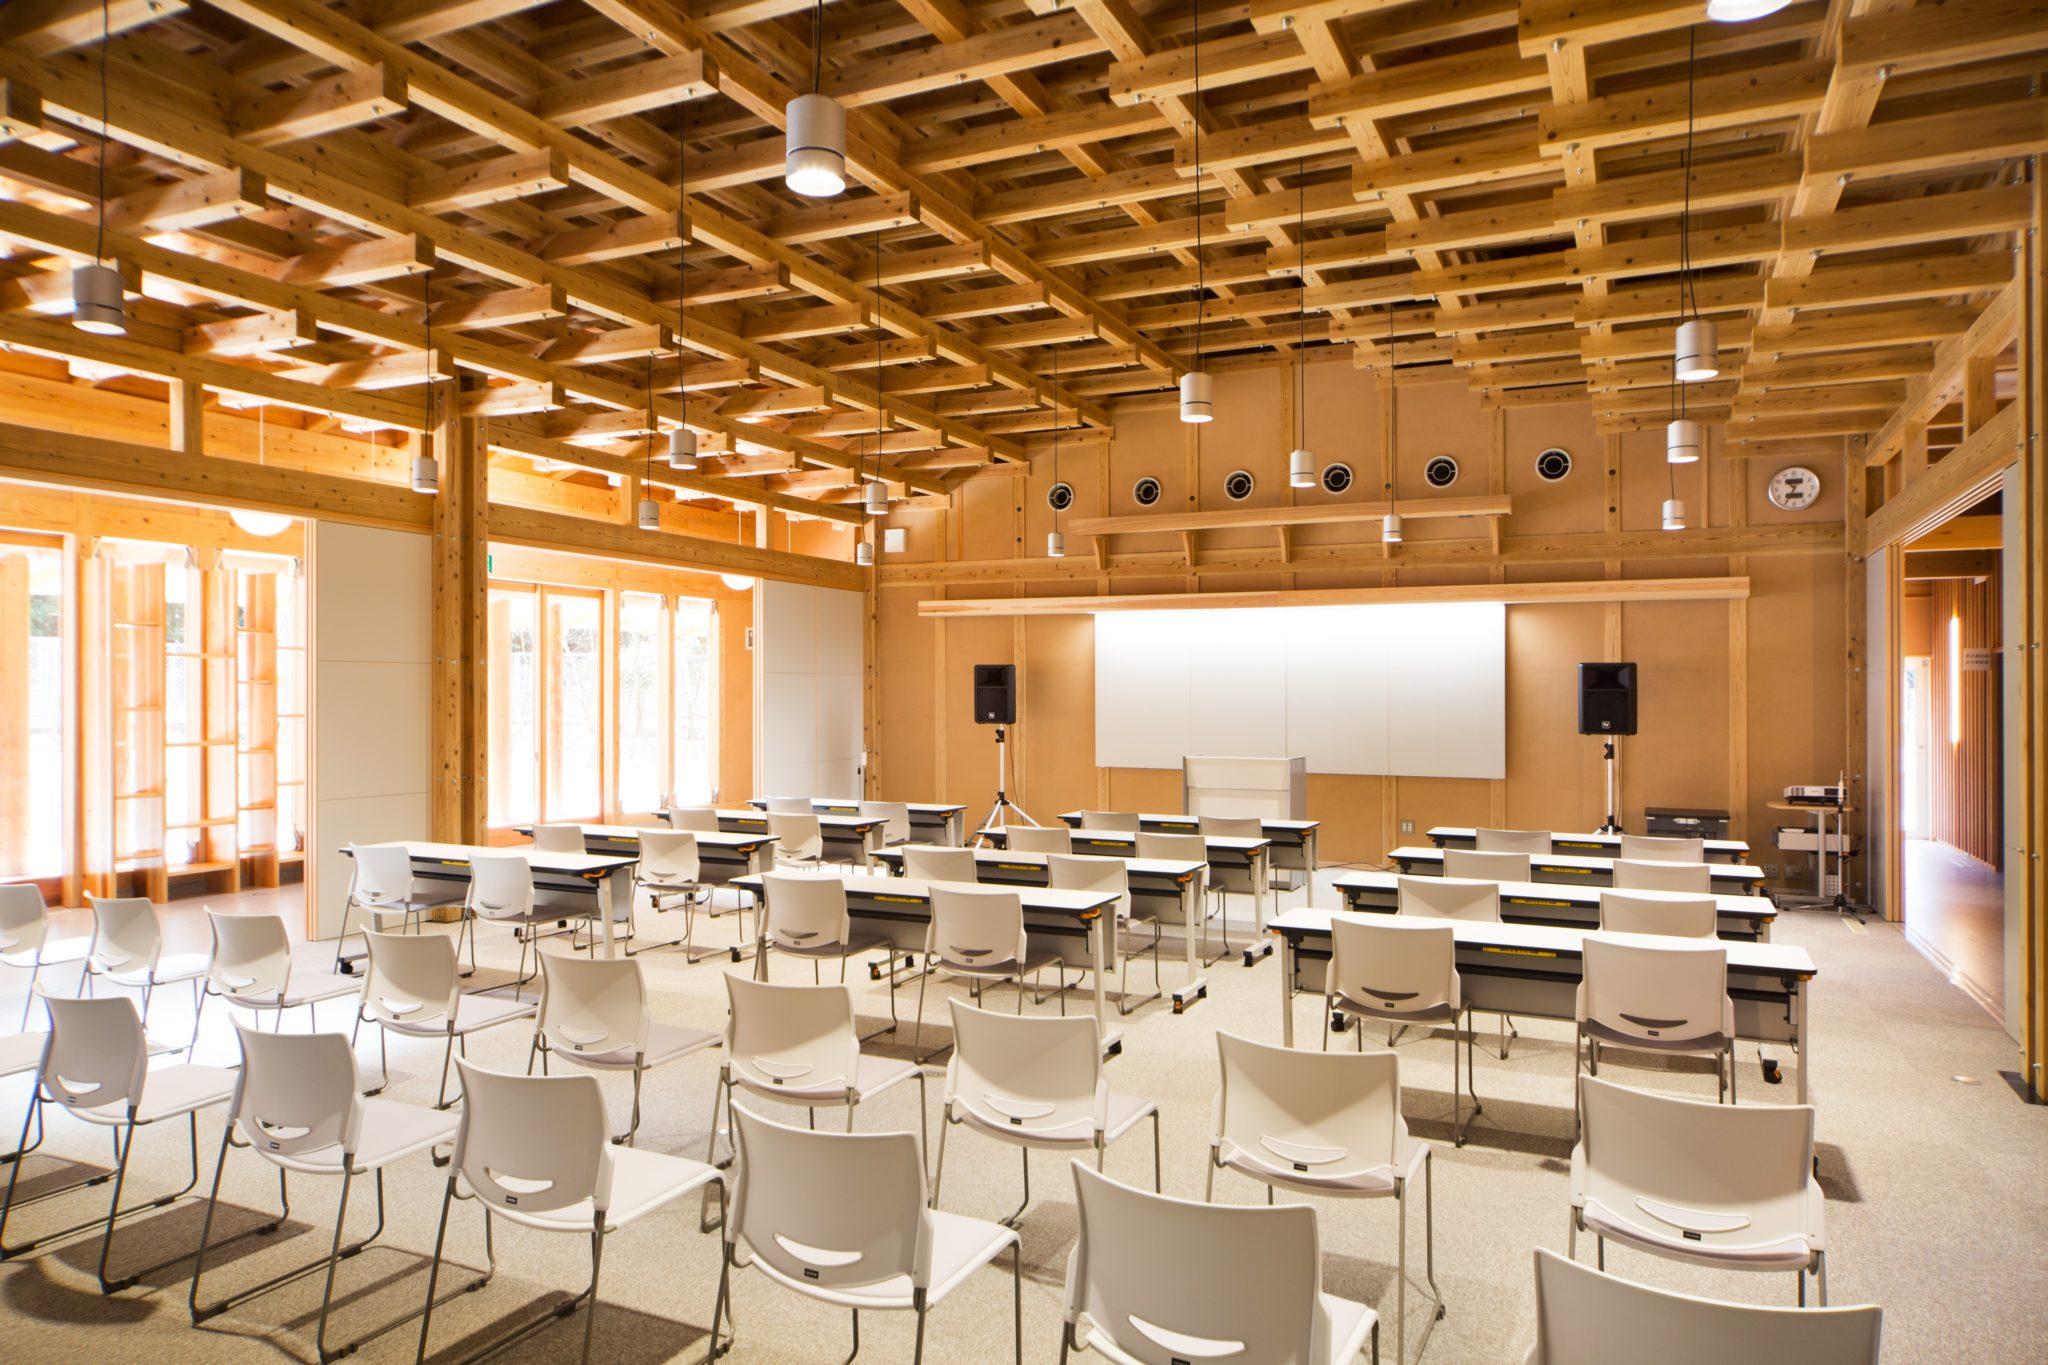 三方の建具を開放すると100人規模の集会が可能となる大講義室